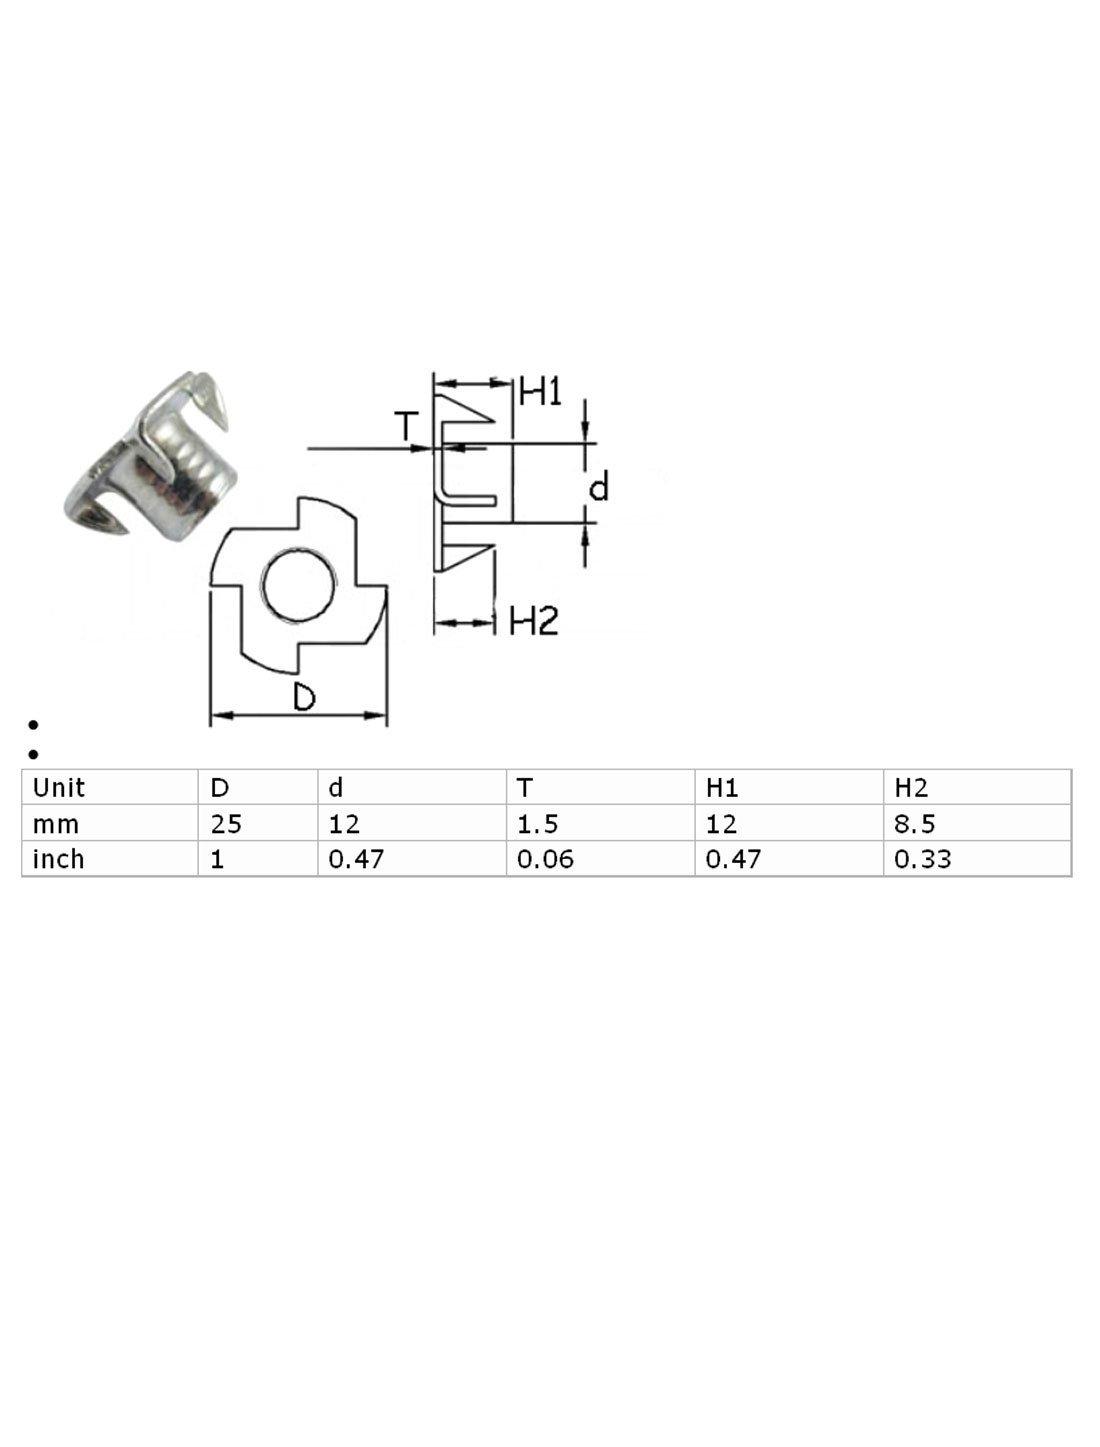 Amazon.com: 20 PC 4 Prongs chapado en zinc T-Nut Tee Tuerca de fijación 3/8-16 x 7/16: Industrial & Scientific